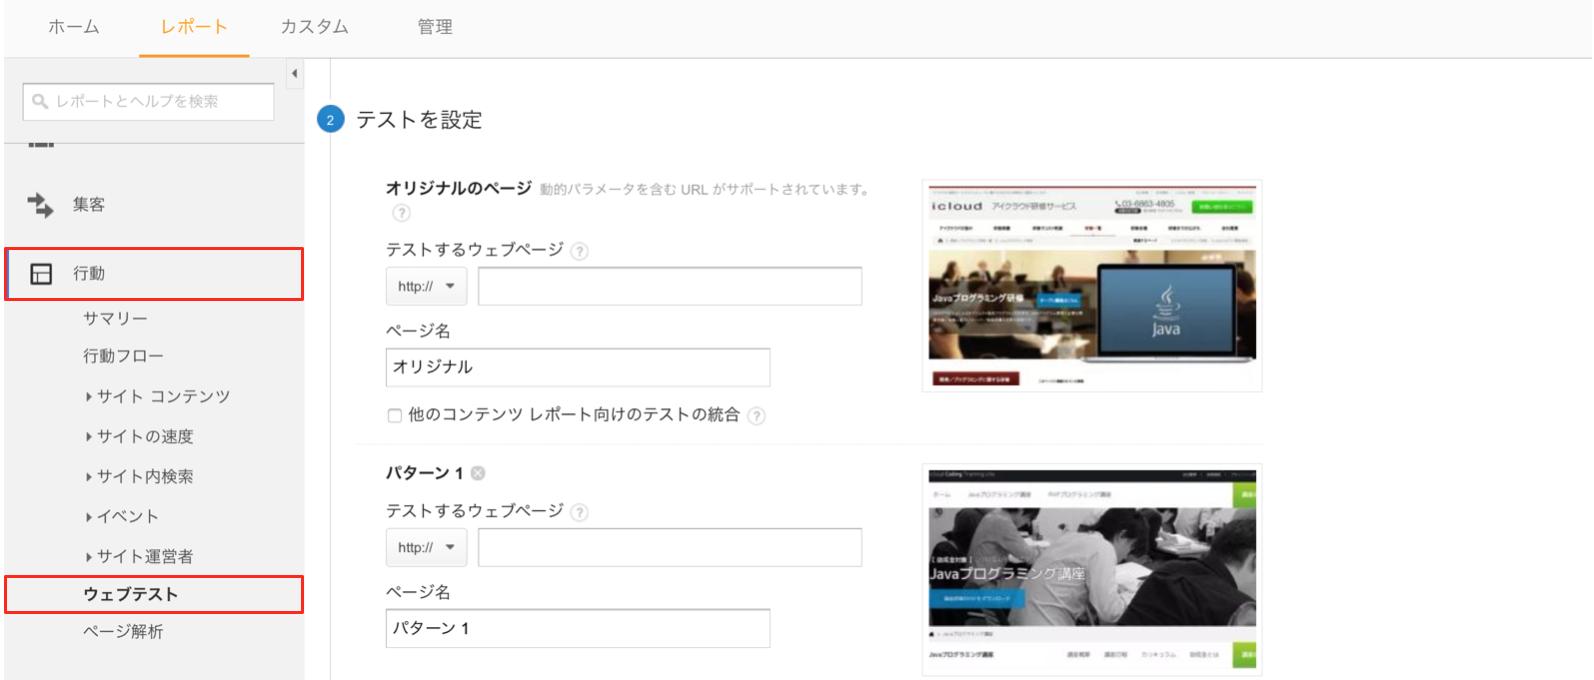 Googleアナリティクスのウェブテスト(テストを設定)